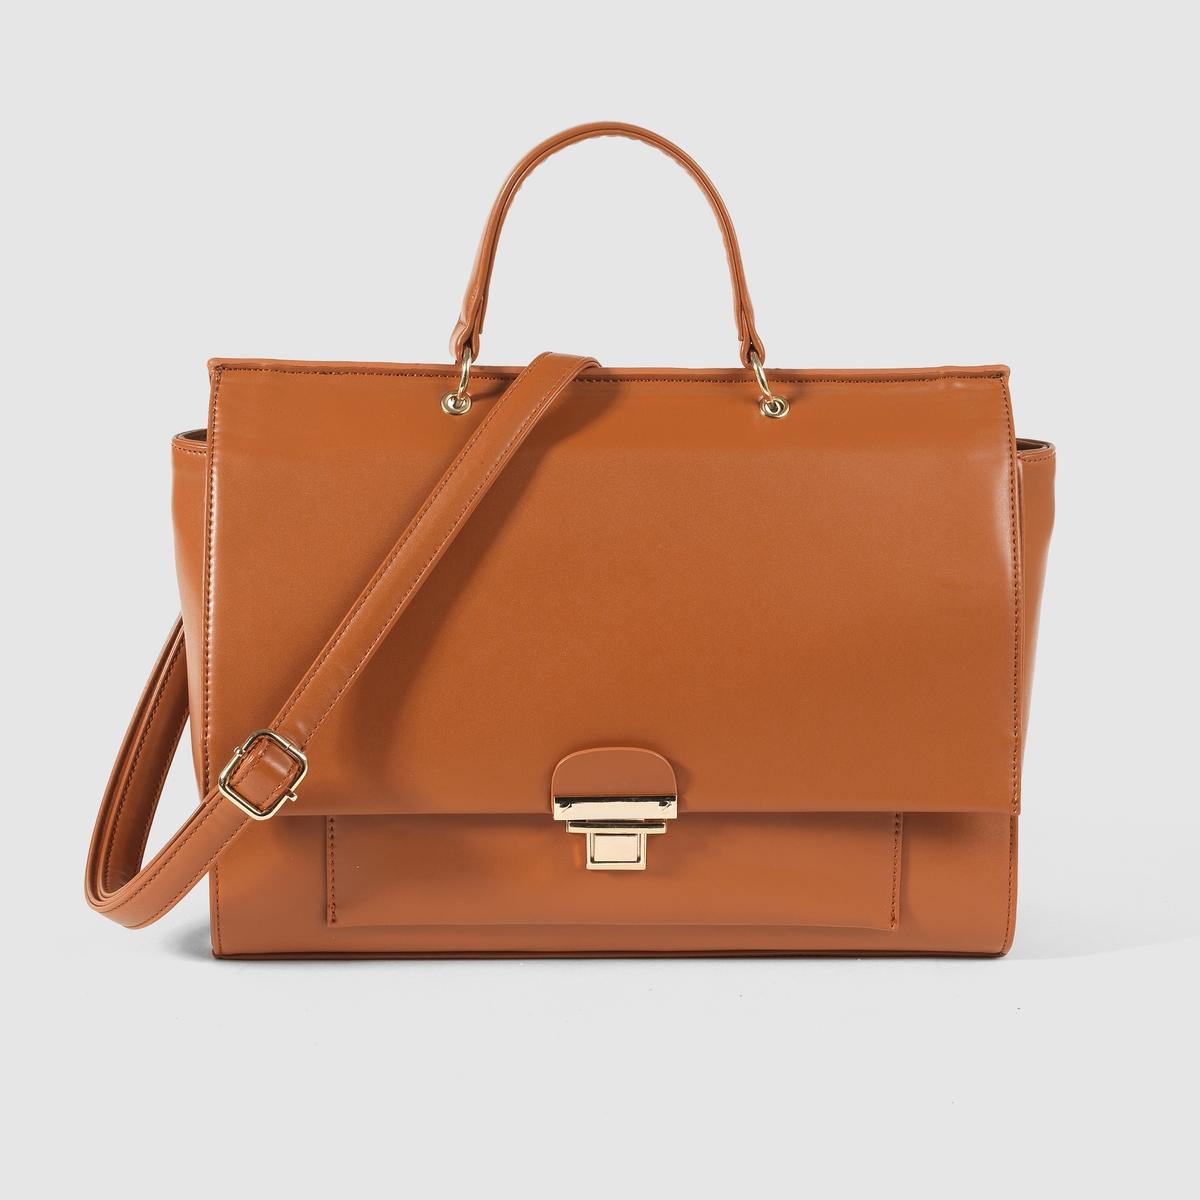 ПортфельПреимущества : прочный портфель, идеальный для ежедневного ношения, элегантный дизайн и тщательная отделка.<br><br>Цвет: темно-бежевый,черный<br>Размер: единый размер.единый размер